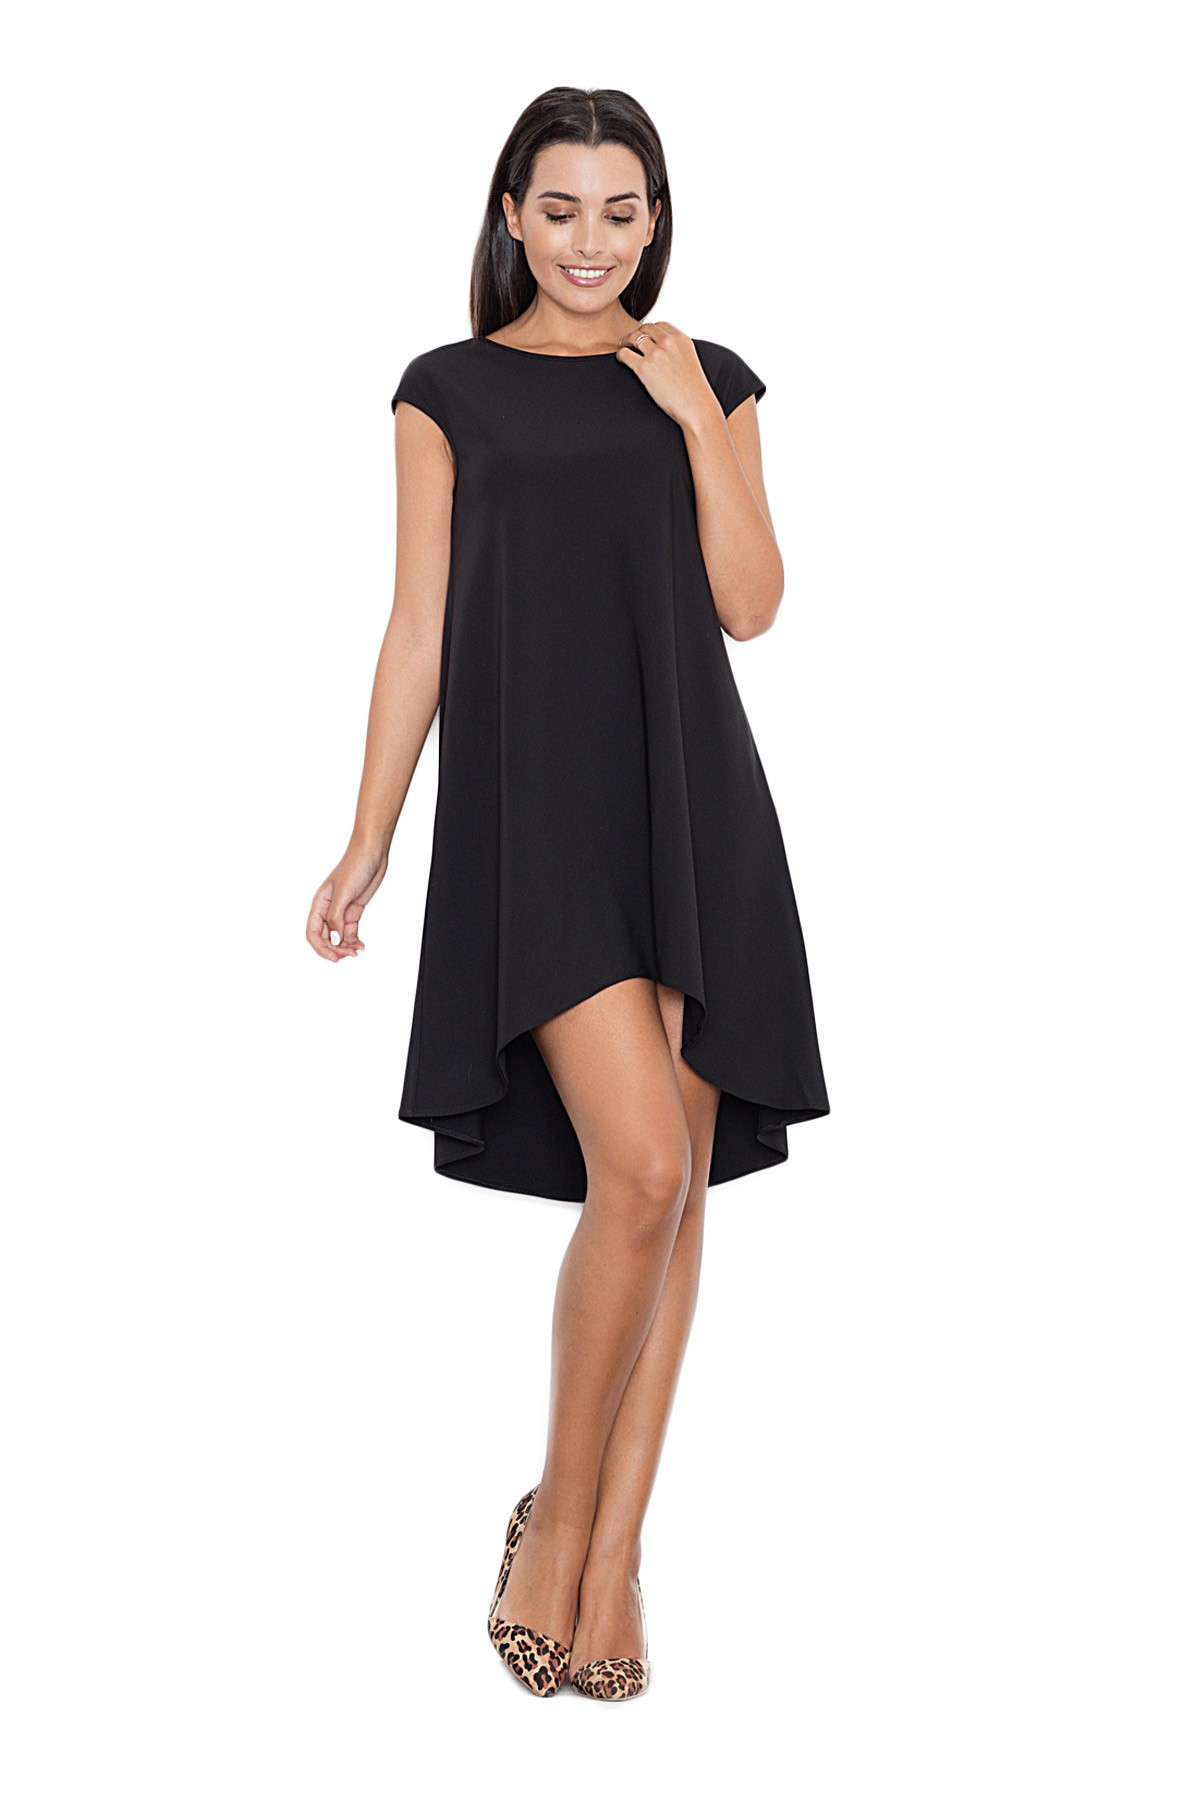 a4800563ed Sukienka trapezowa elegancka z dłuższym tyłem bez rękawów czarna ...